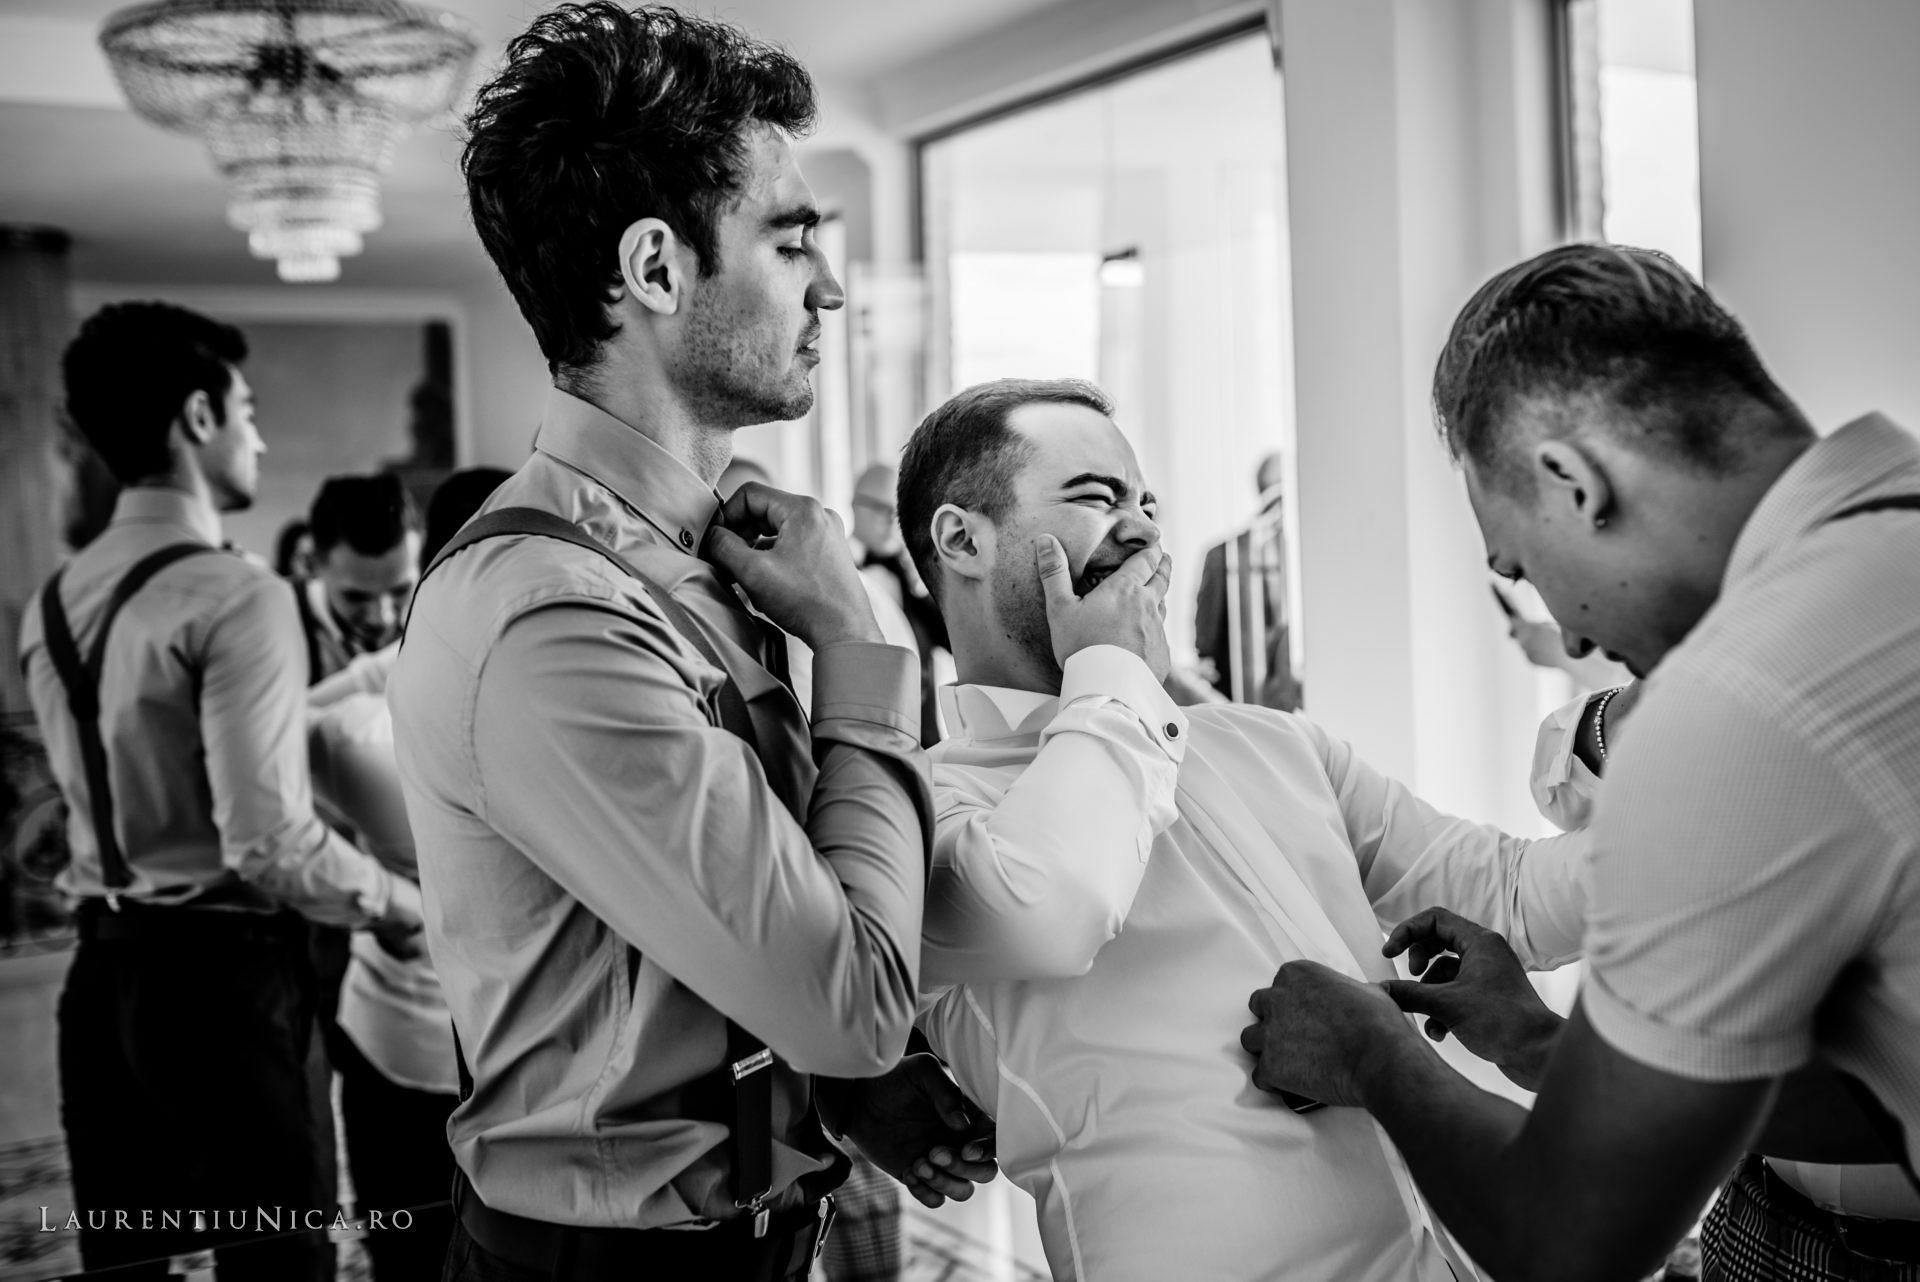 denisa si catalin fotograf nunta laurentiu nica craiova 13 - Denisa si Catalin | Fotografii nunta | Craiova